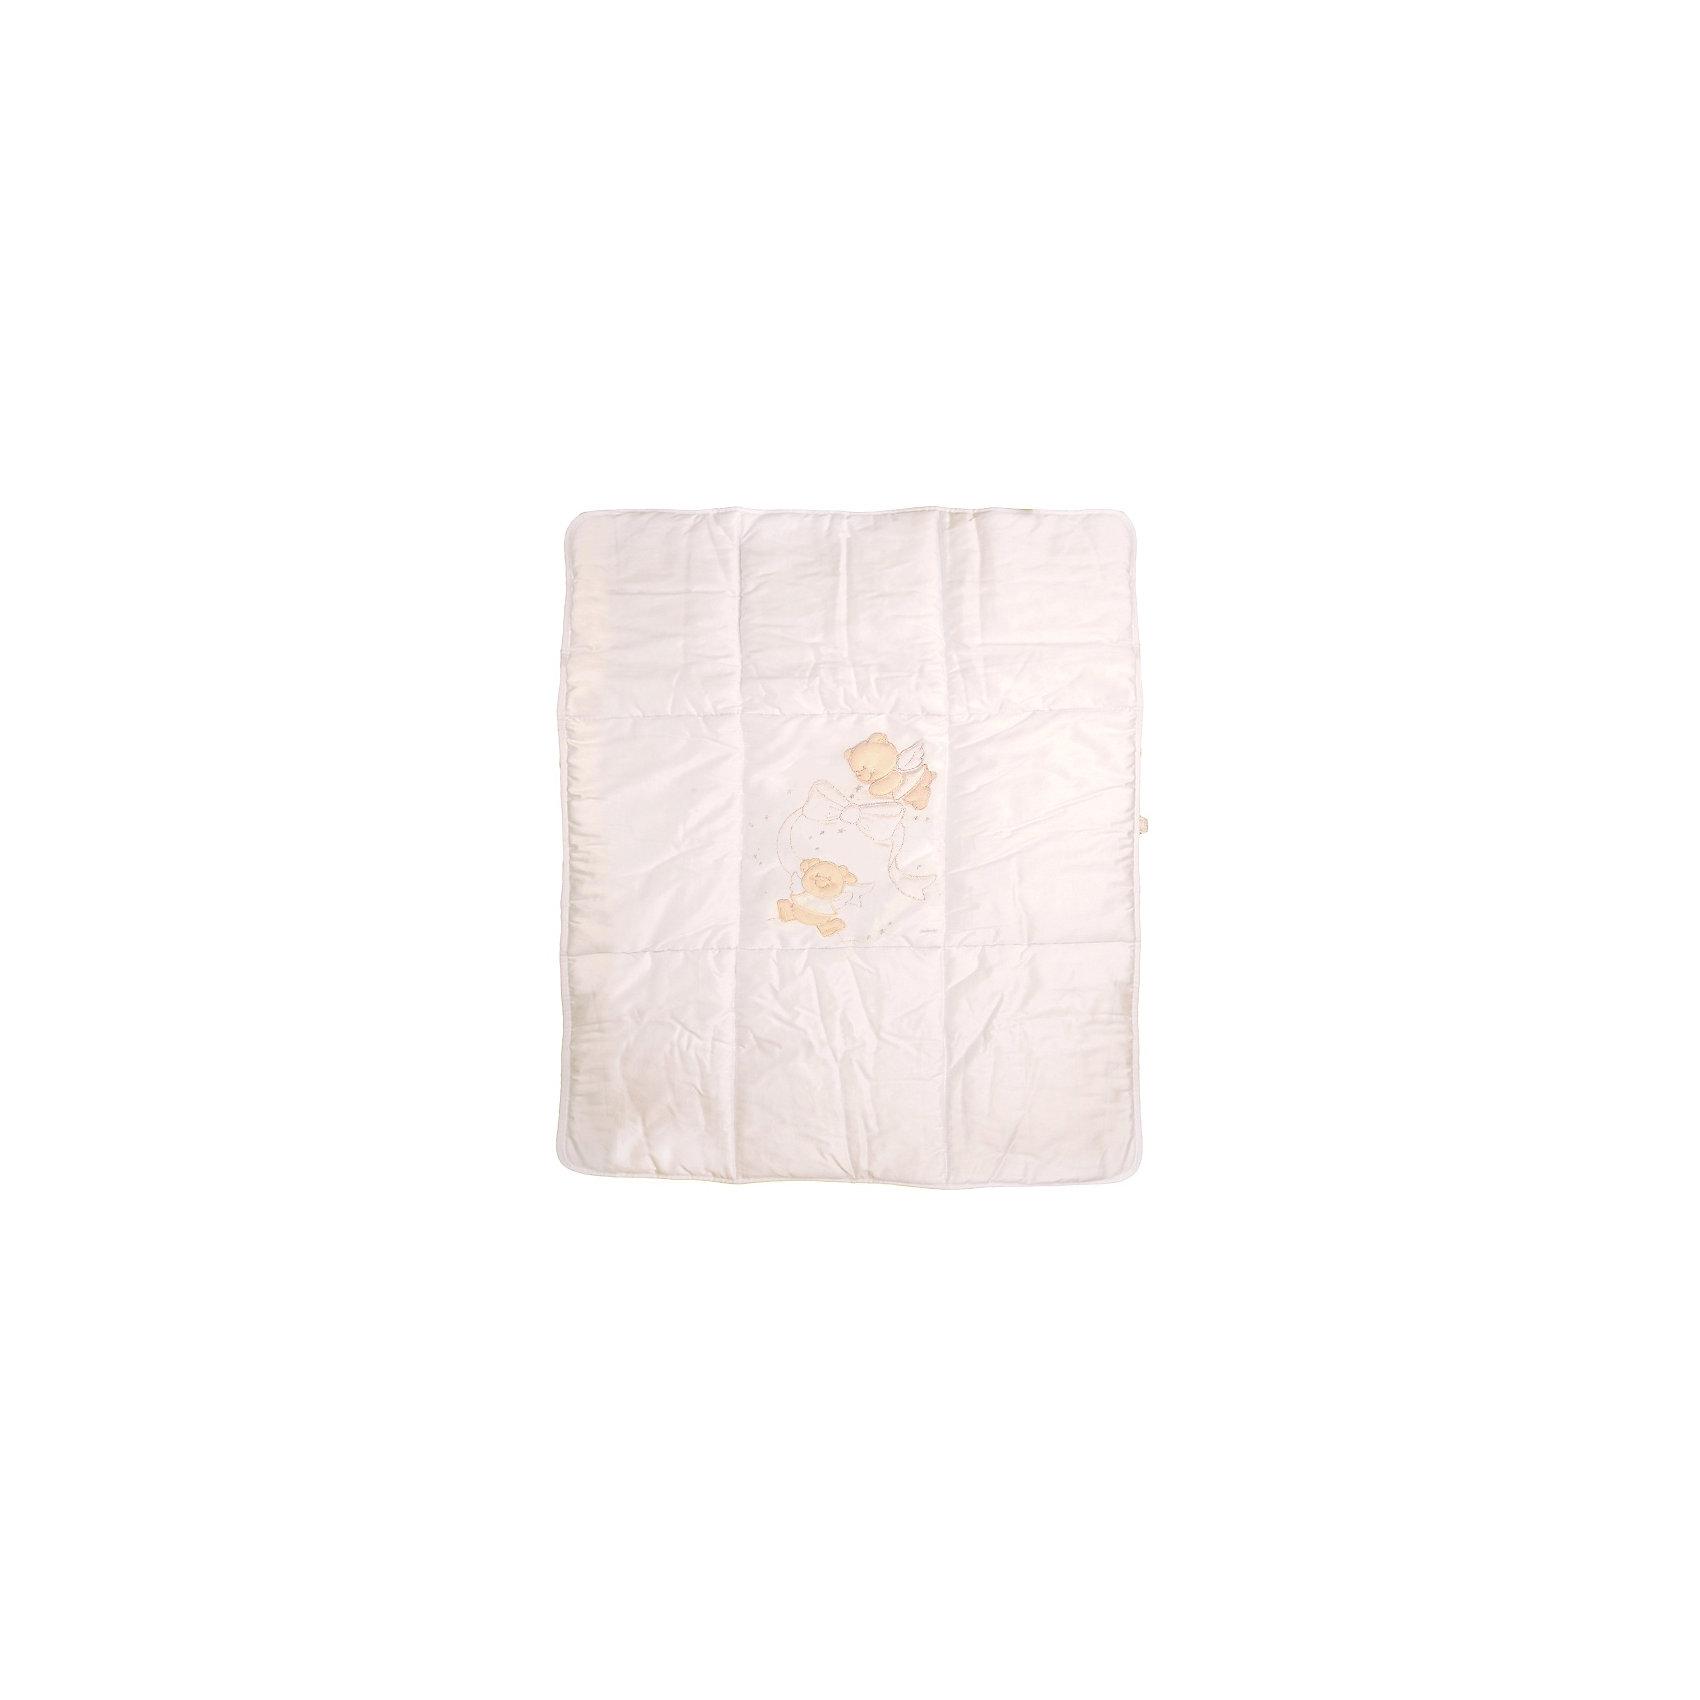 Игровое одеяло Sweet Star, Italbaby, кремОдеяла, пледы<br>Стильный, а главное теплый и удобный игровой коврик с наполнением из фиброволокна, обязательно понравится Вашему ребенку! <br><br>Дополнительная информация:<br><br>- Наполнитель: фиброволокно.<br>- Габариты: 100х130 см.<br>- Цвет: кремовый.<br>- Уход: стирка при 30 градусах.<br><br>Купить игровое одеяло Sweet Star, можно в нашем магазине.<br><br>Ширина мм: 1300<br>Глубина мм: 1000<br>Высота мм: 200<br>Вес г: 1000<br>Возраст от месяцев: 0<br>Возраст до месяцев: 36<br>Пол: Унисекс<br>Возраст: Детский<br>SKU: 5093570